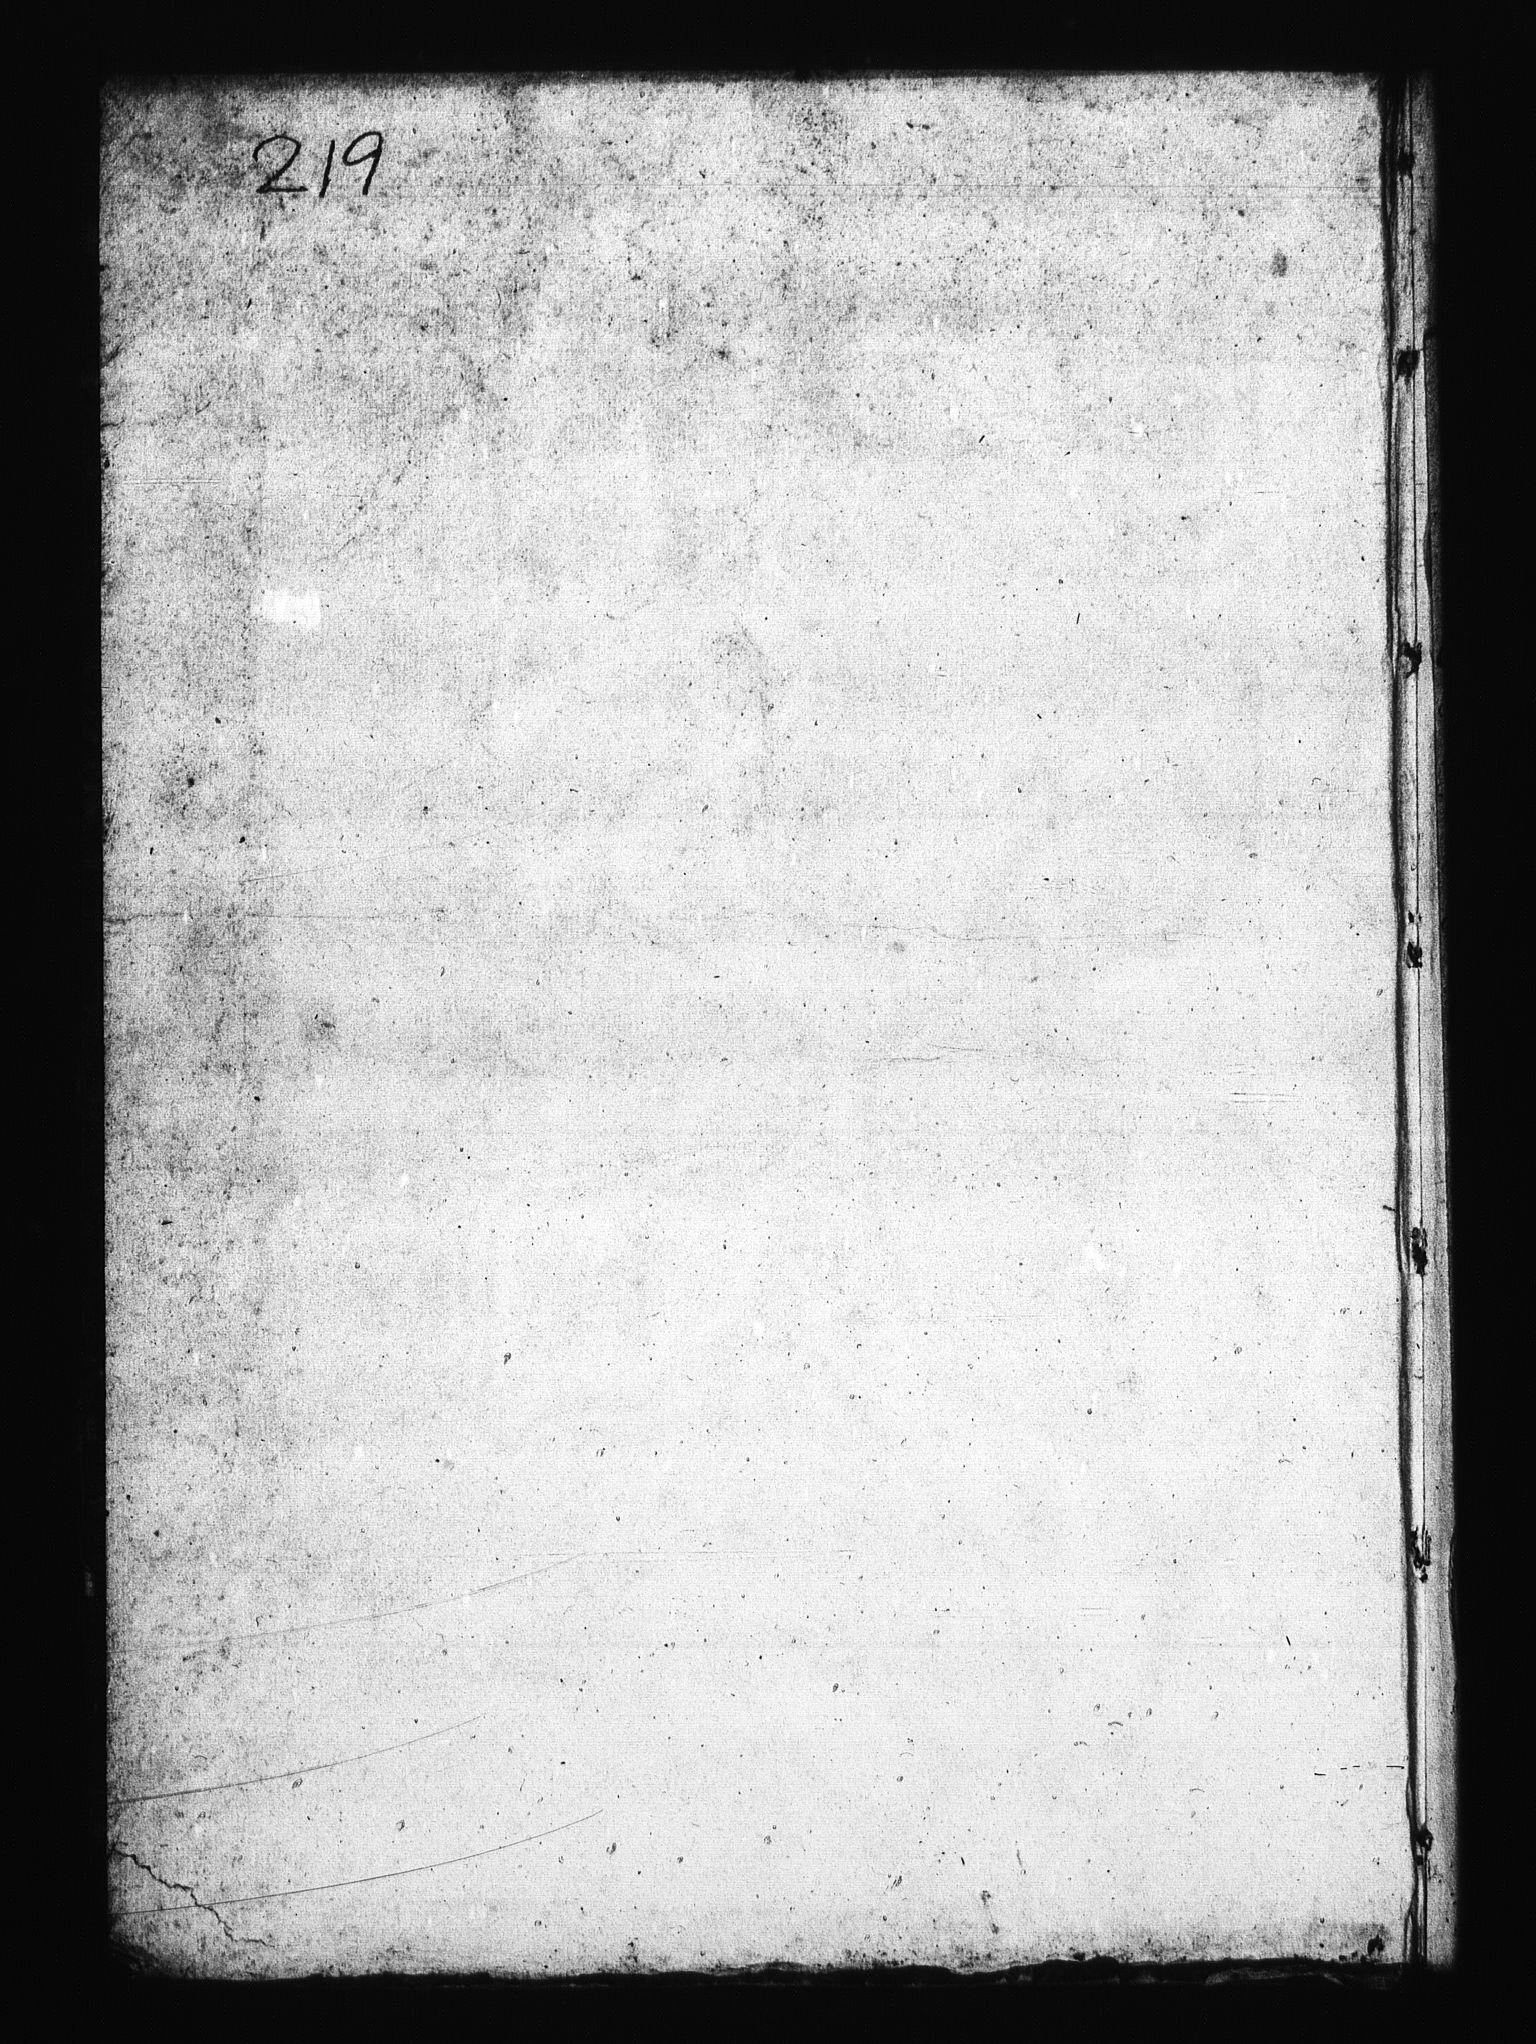 RA, Sjøetaten, F/L0220: Bergen distrikt, bind 3, 1794